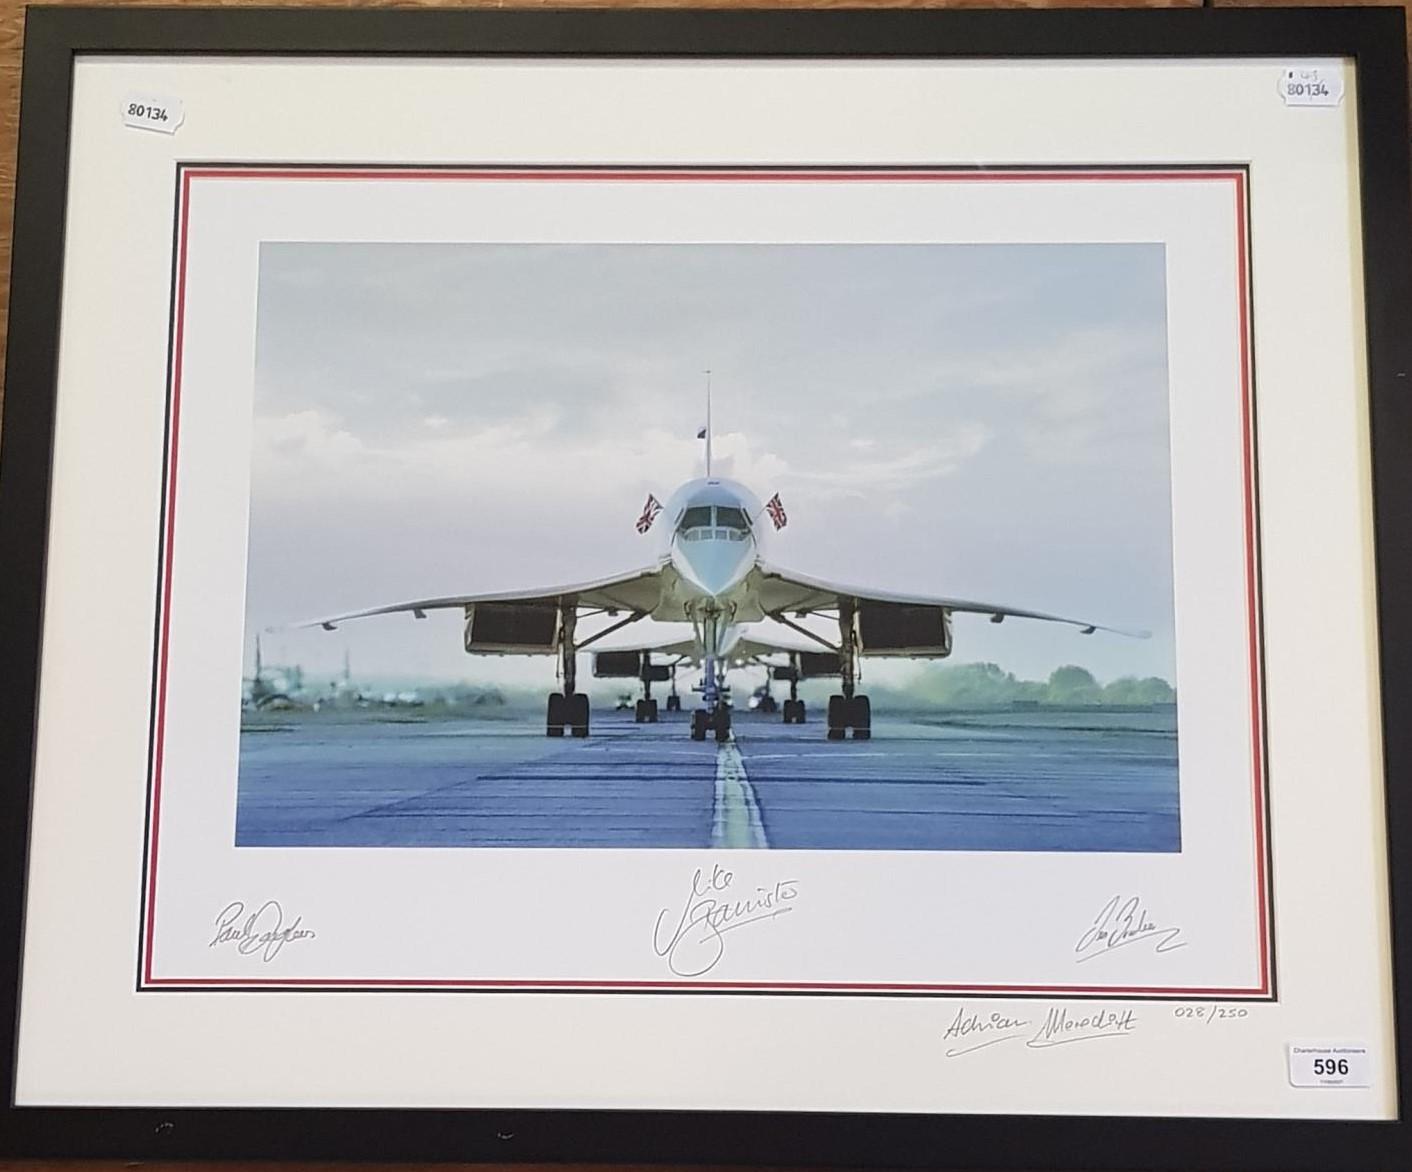 Concorde memorabilia: Concorde from 1976-2003, three Concordes line up on the last flight into - Image 3 of 3